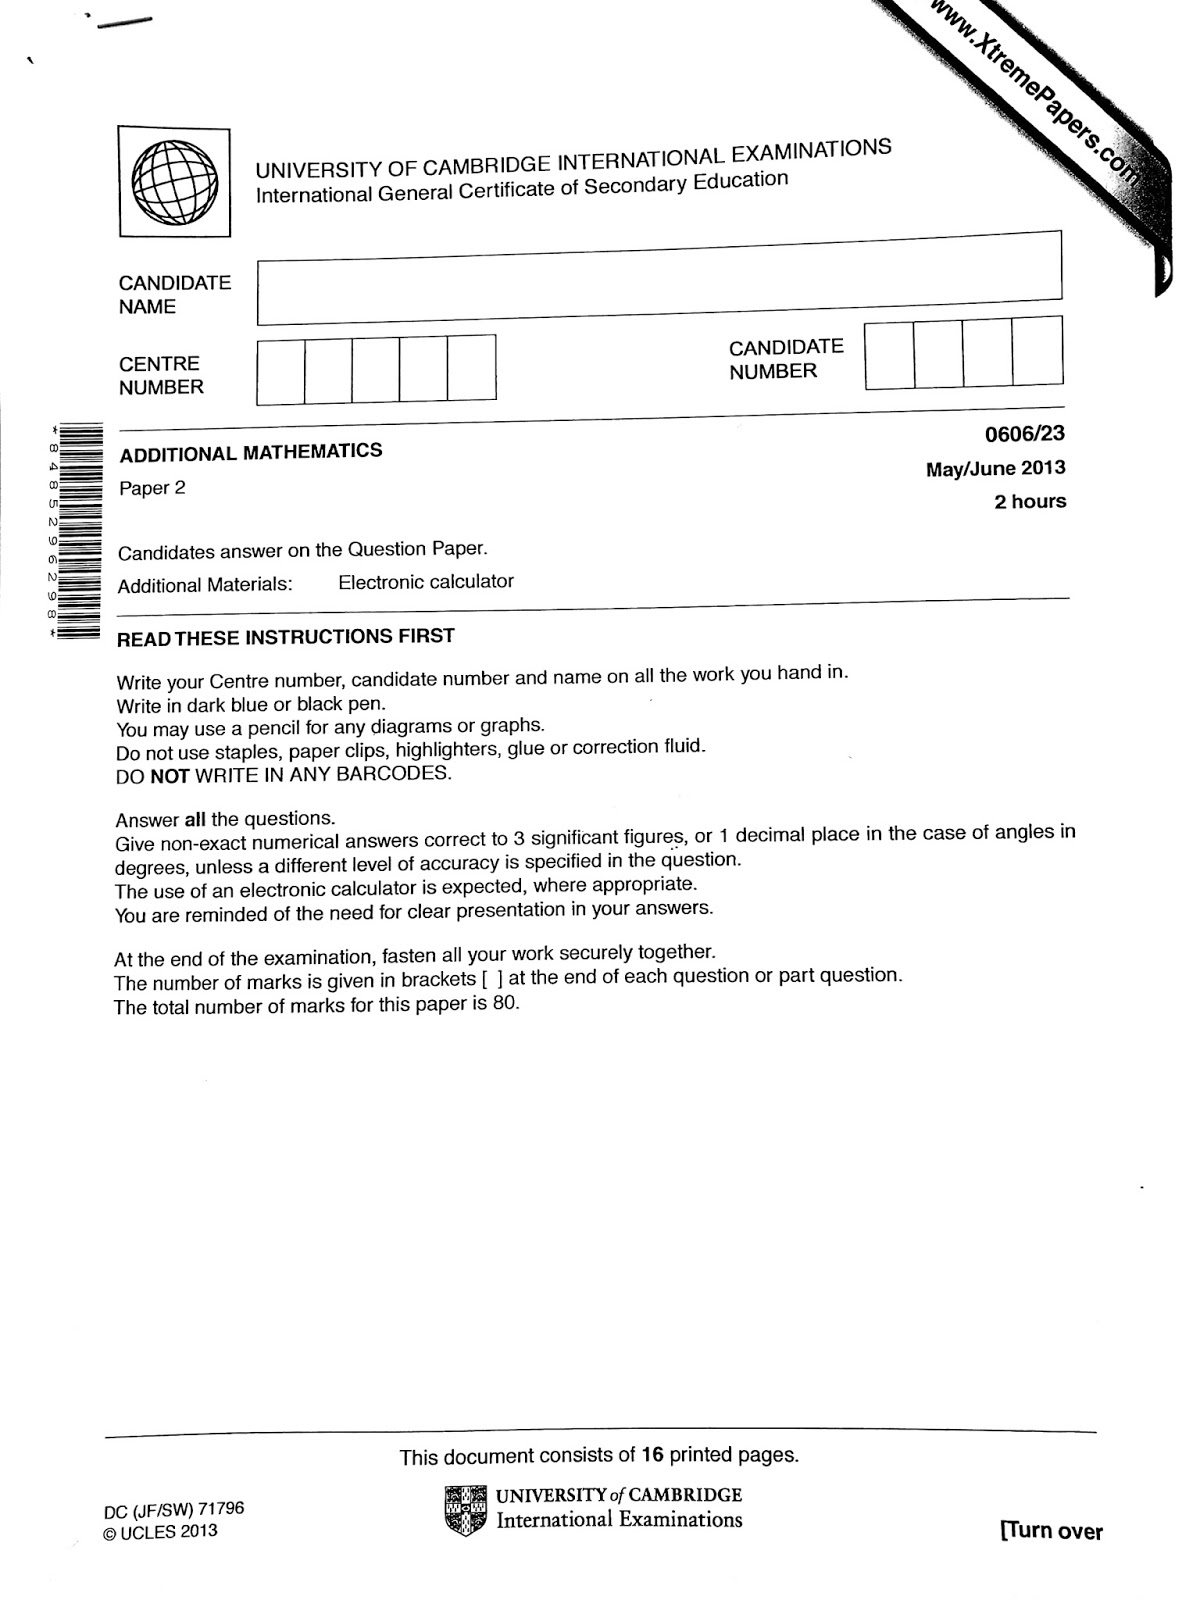 IGCSE Add Maths Working Answers [0606/23] Paper 2 2013 (May